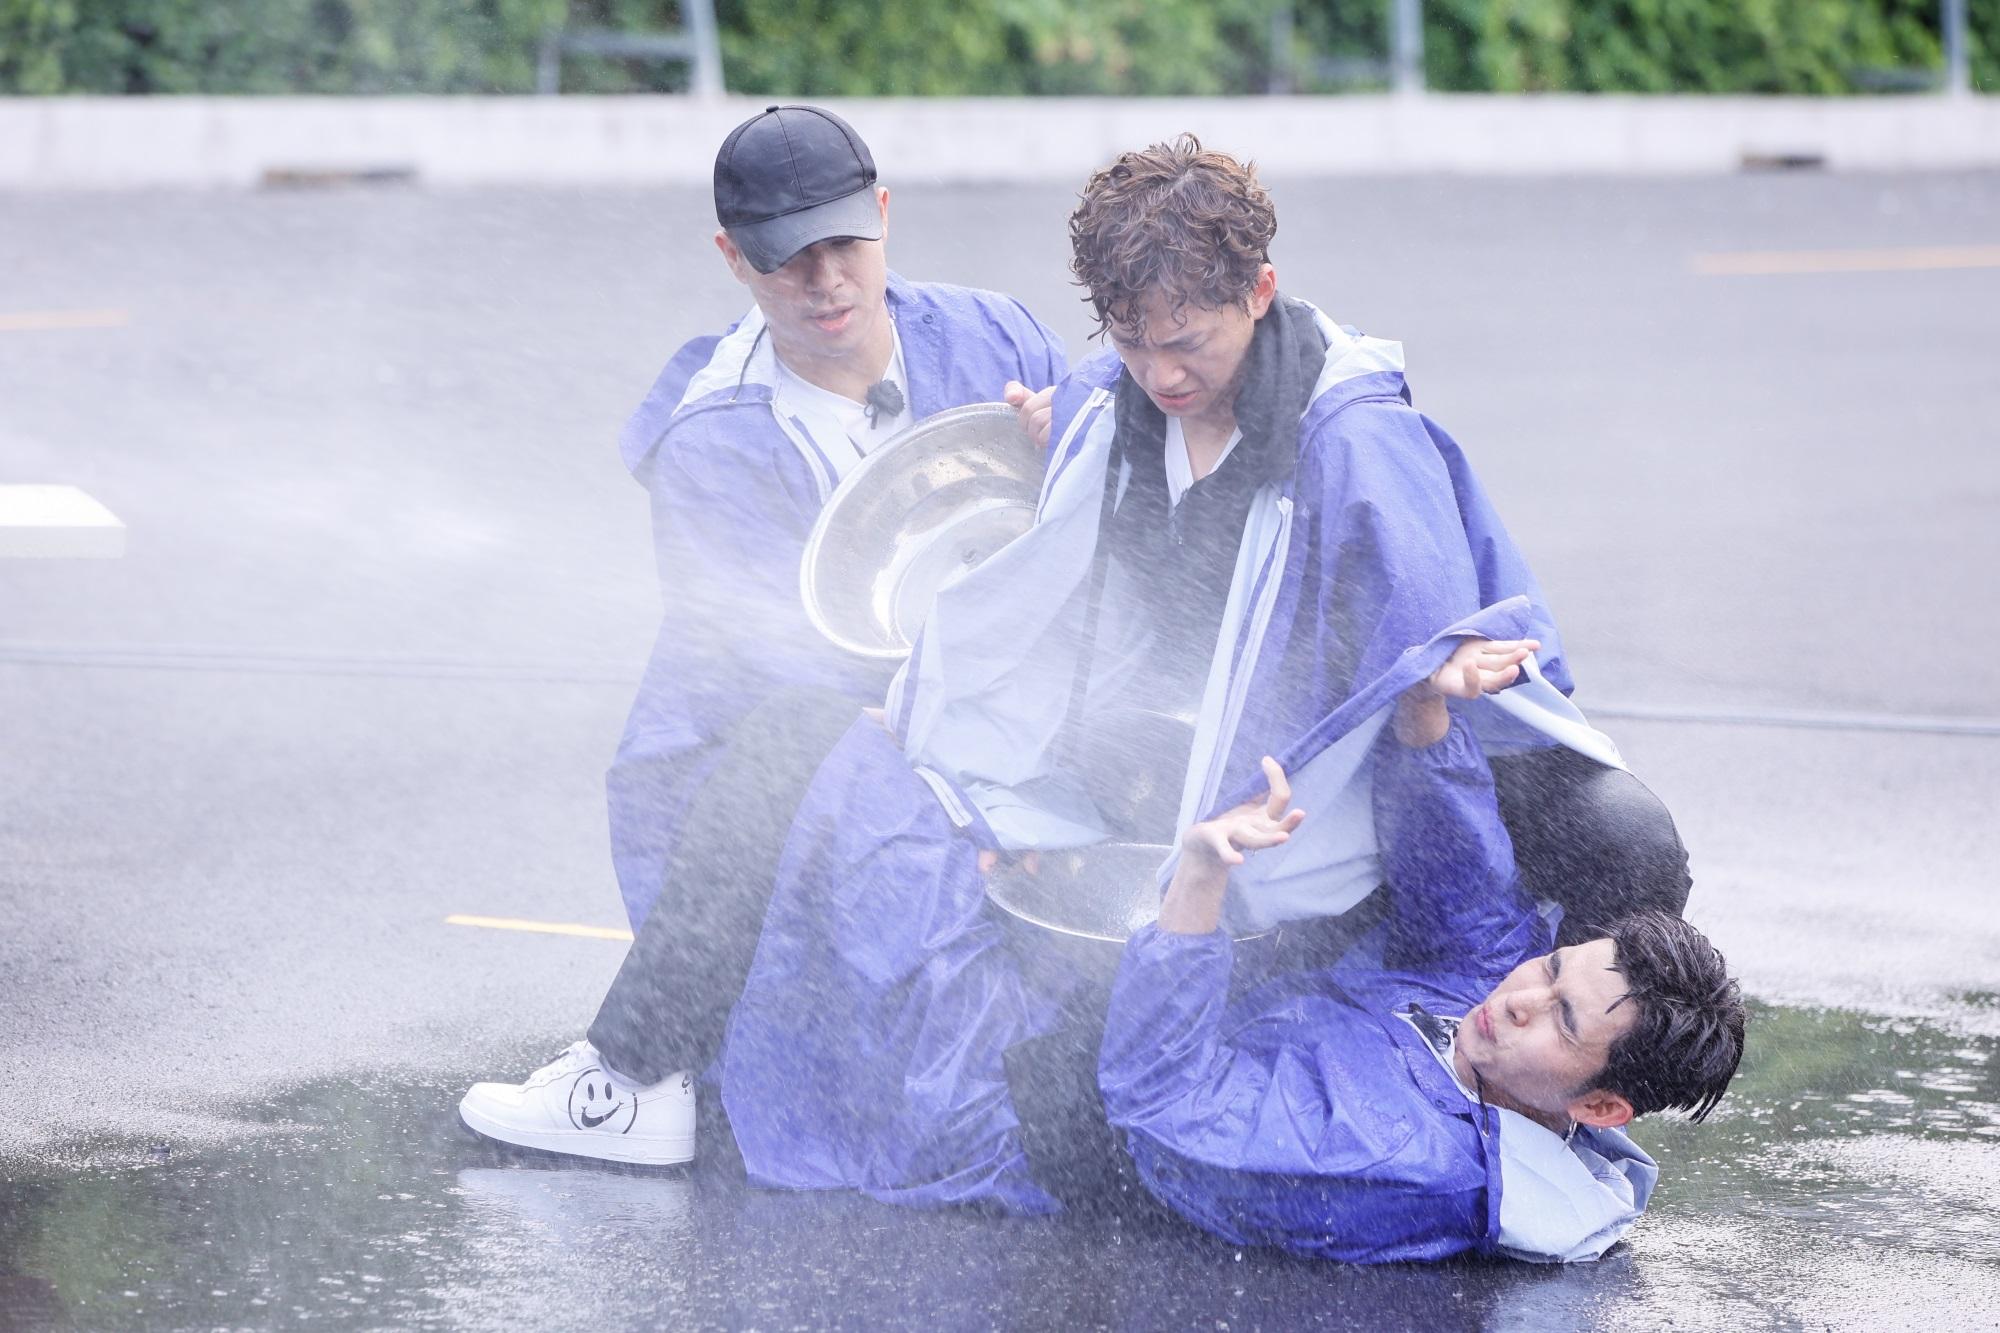 Running Man tập 1: Trường Giang bị 'truy sát', Jack không những xuất hiện mà còn lăm le xé bảng tên Liên Bỉnh Phát - Ảnh 8